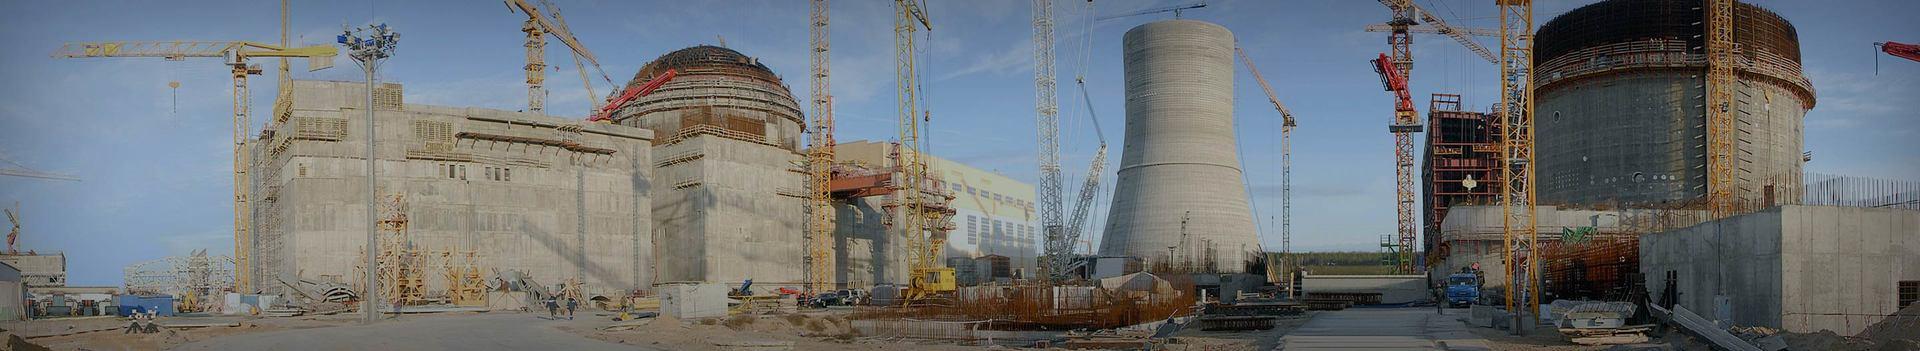 Отказаться от мирного атома? Росэнергоатом строит мощнейший ЦОД в России - 1